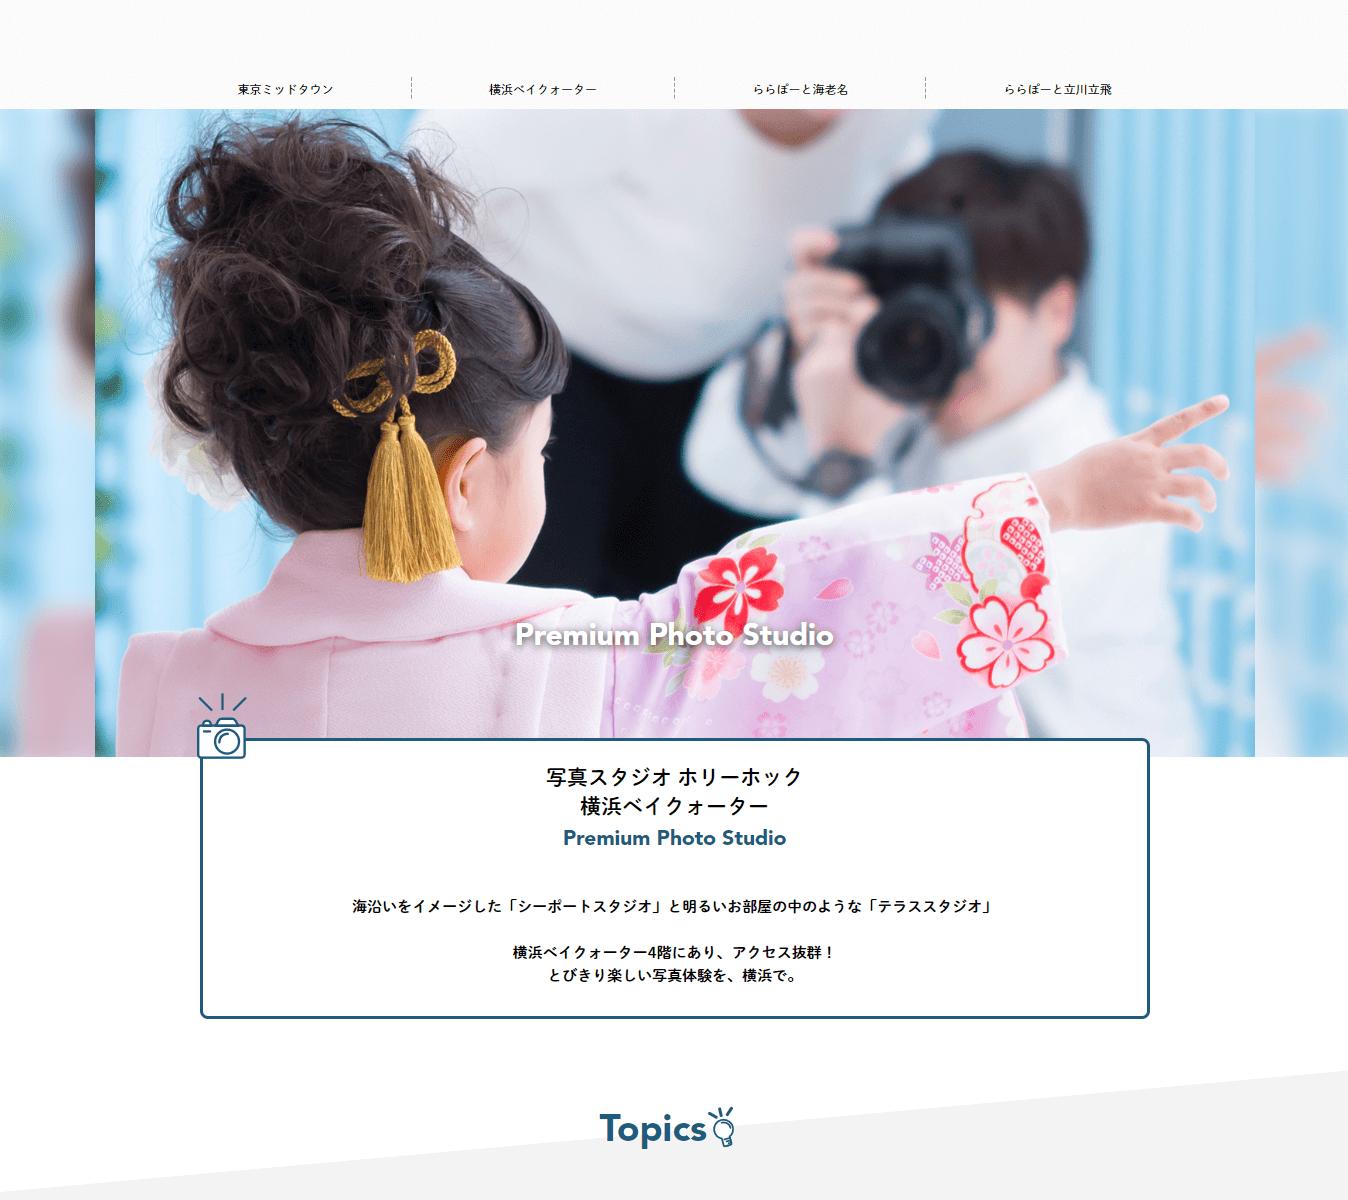 写真スタジオホリーホック横浜ベイクォーター店の口コミや評判